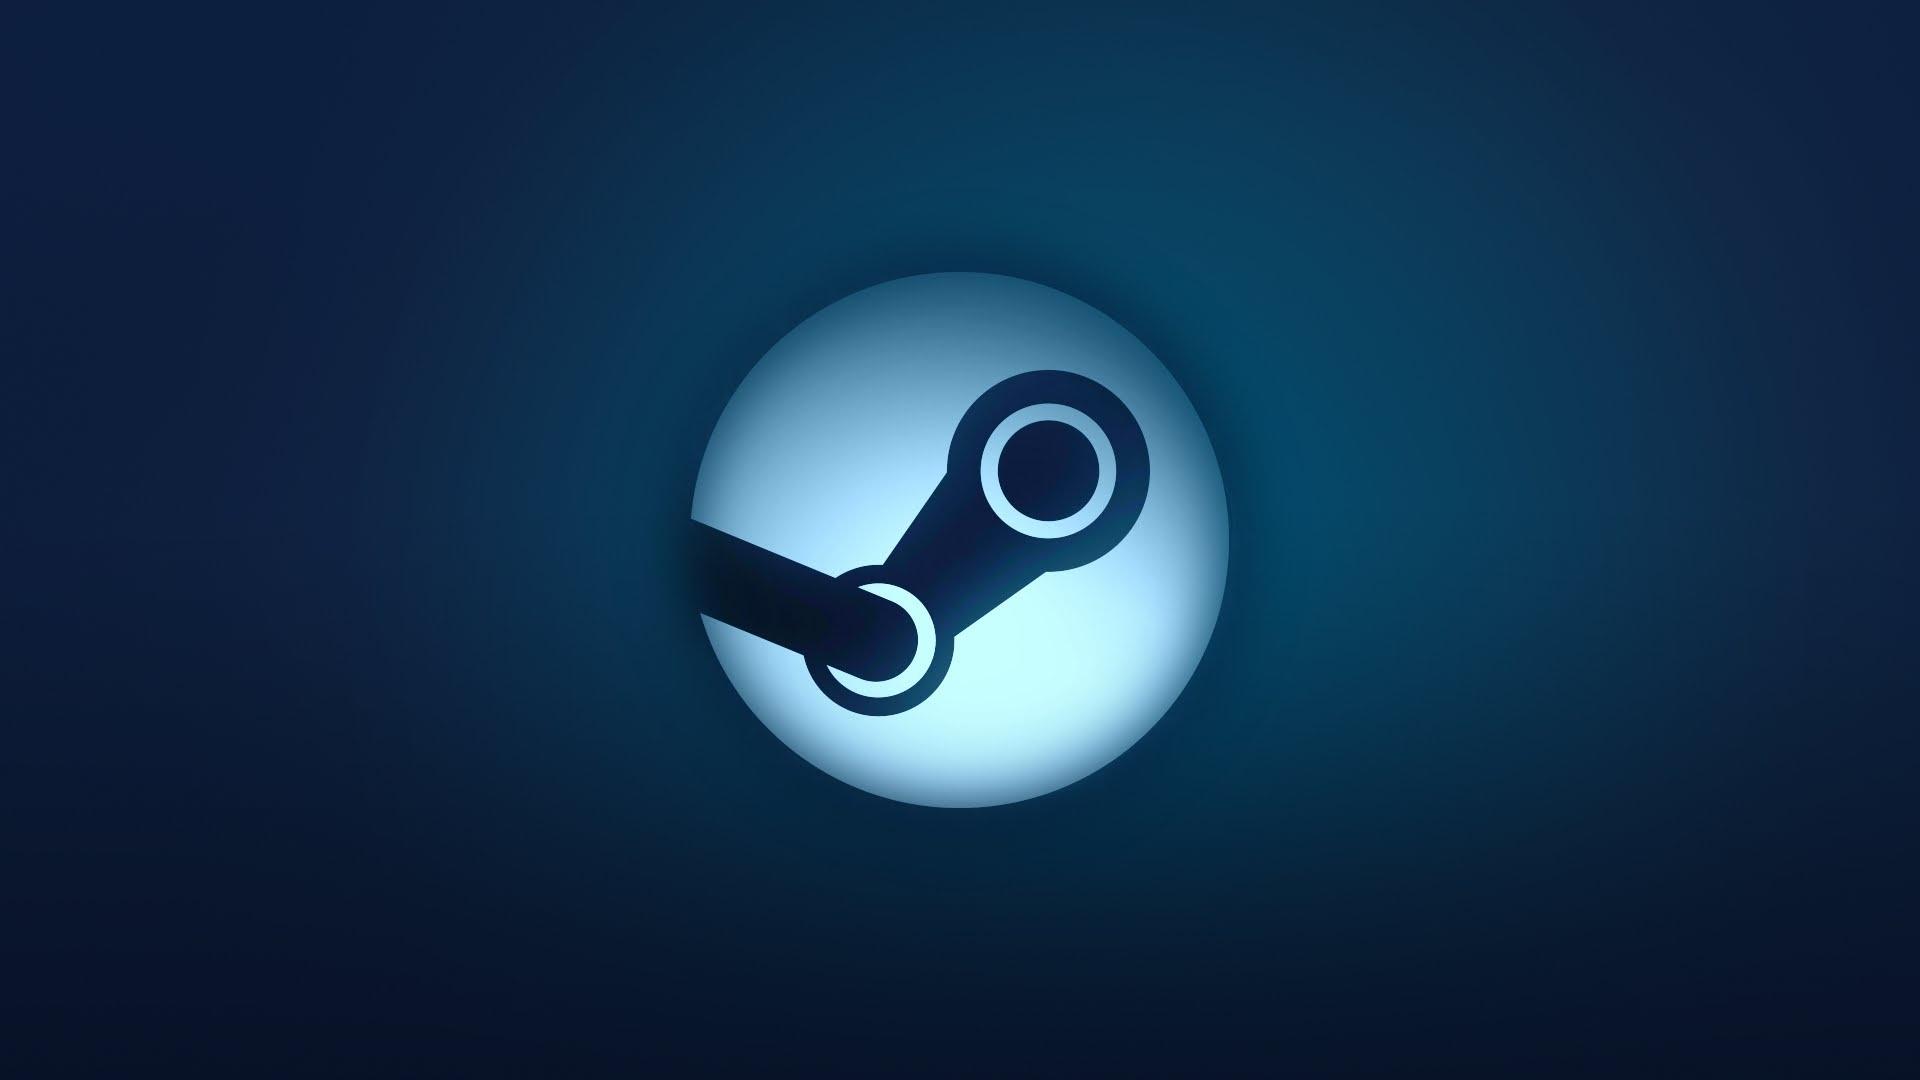 В мастерской Steam появилась предварительная модерация свежих материалов